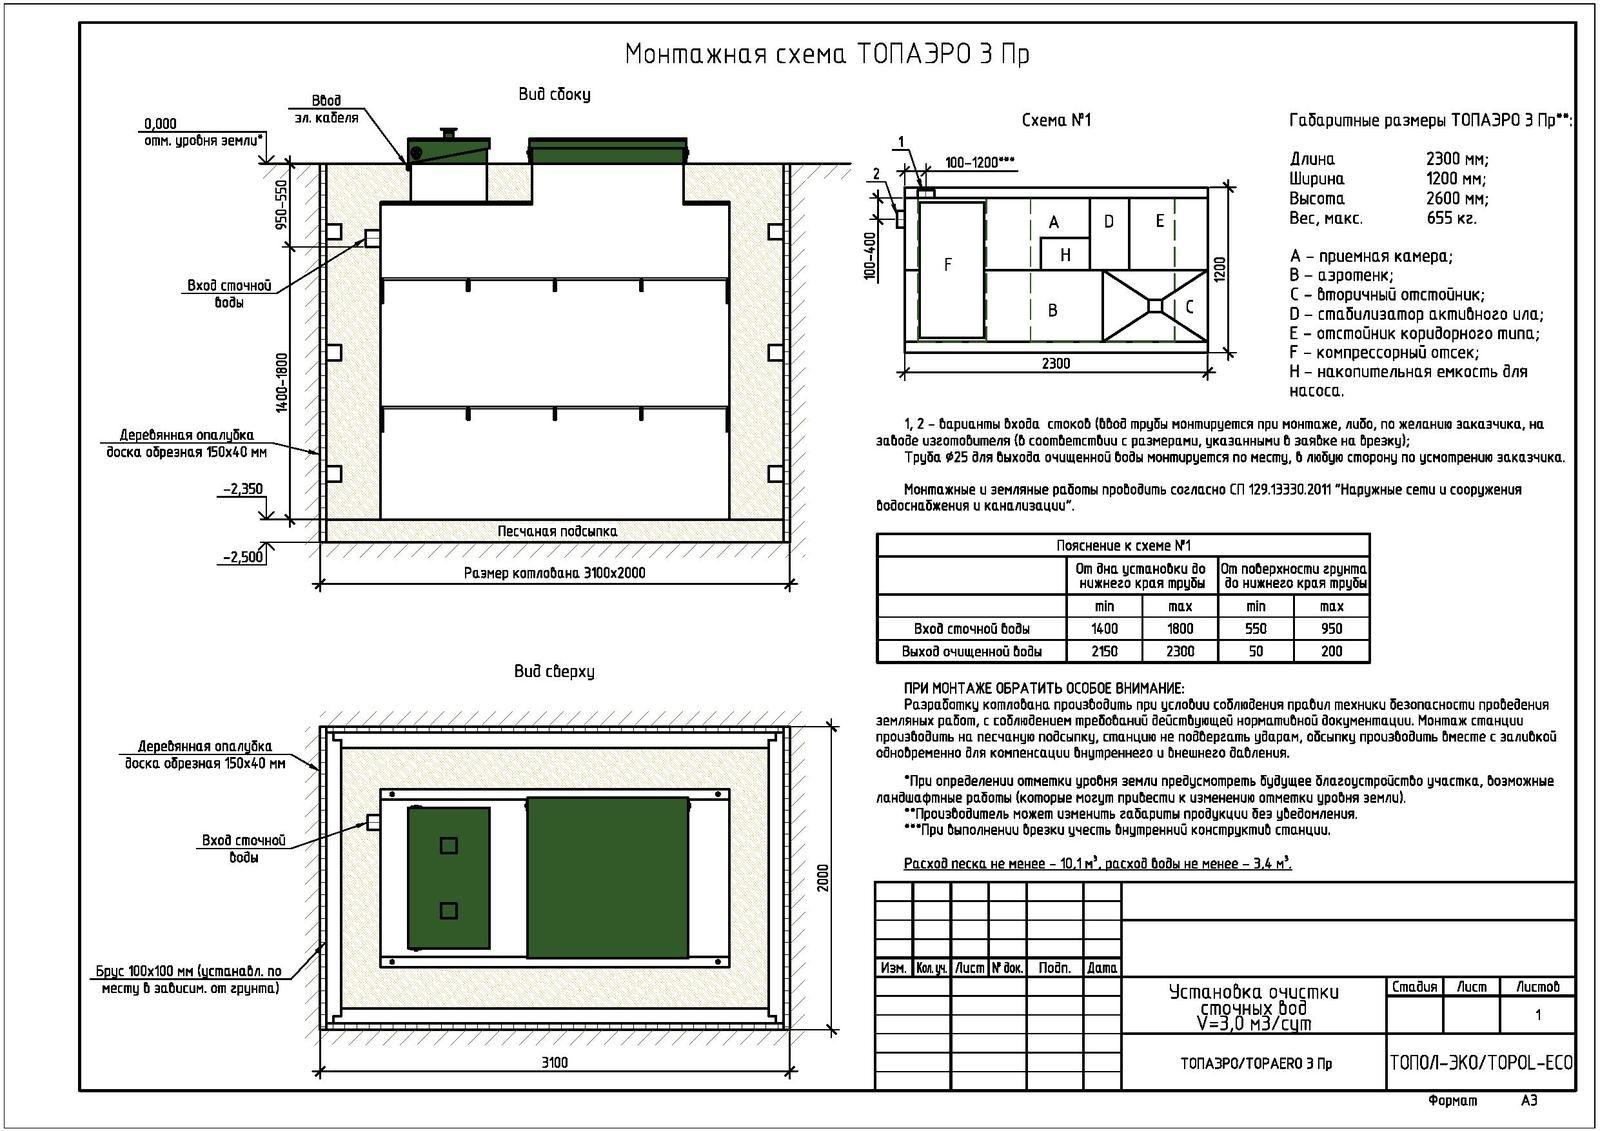 Монтажная схема септика Топаэро 3 ПР